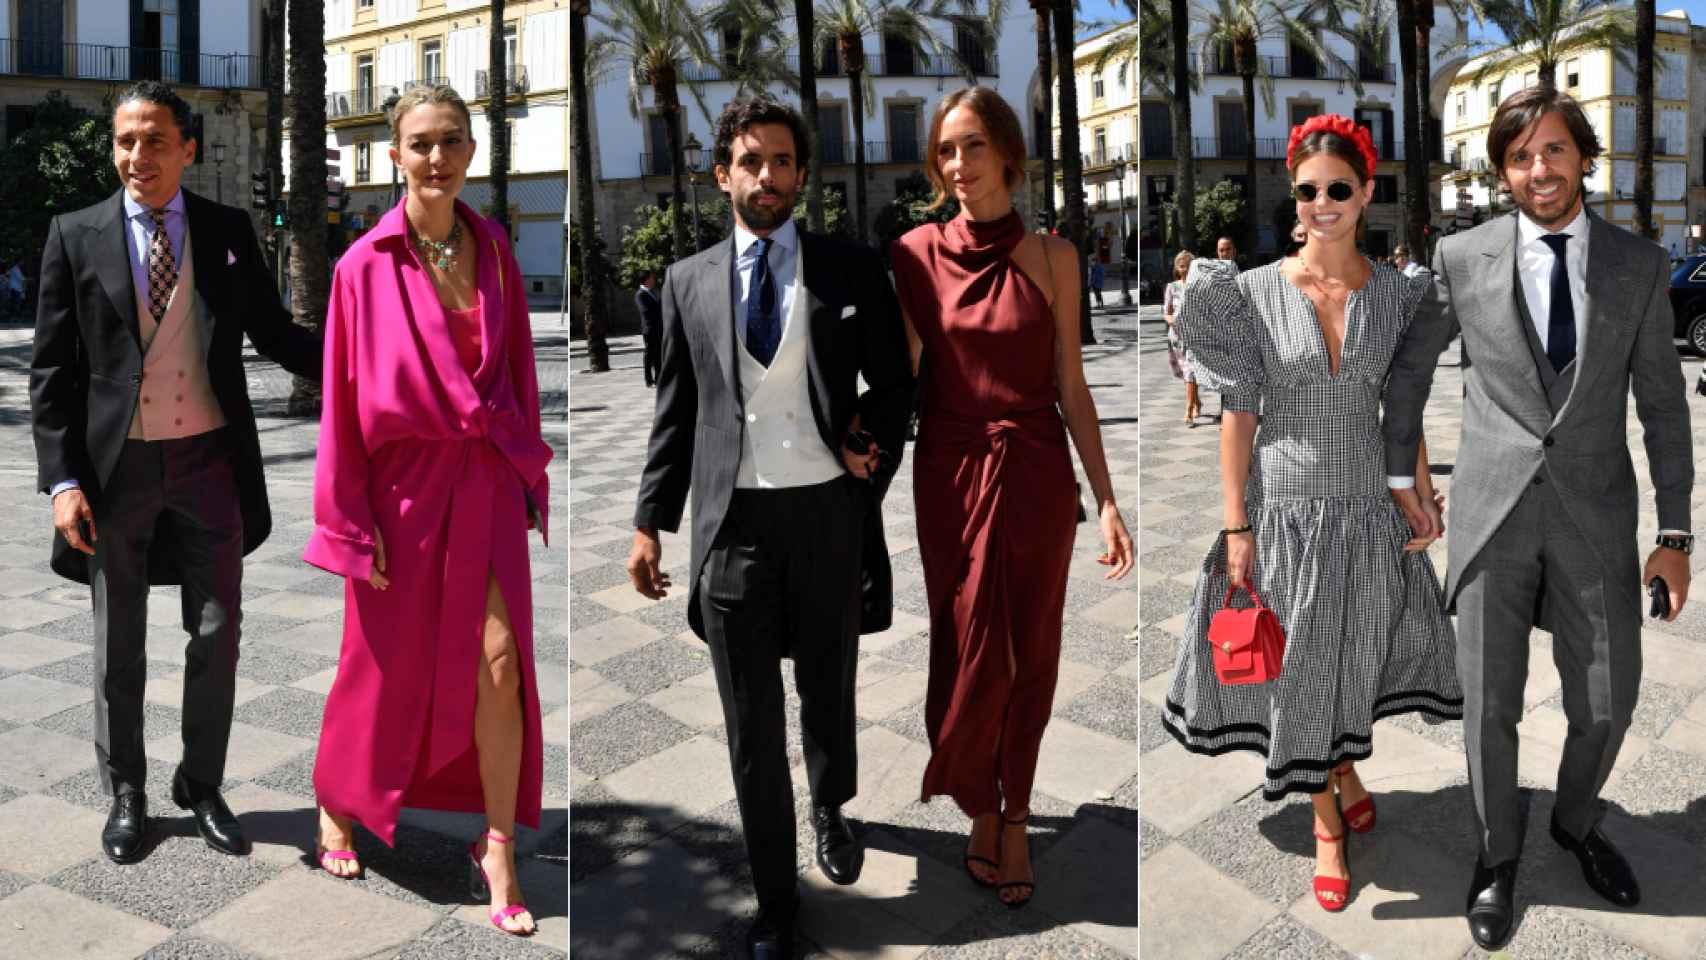 Invitados a la boda de Carlos Cortina y Carla Vega-Penichet.